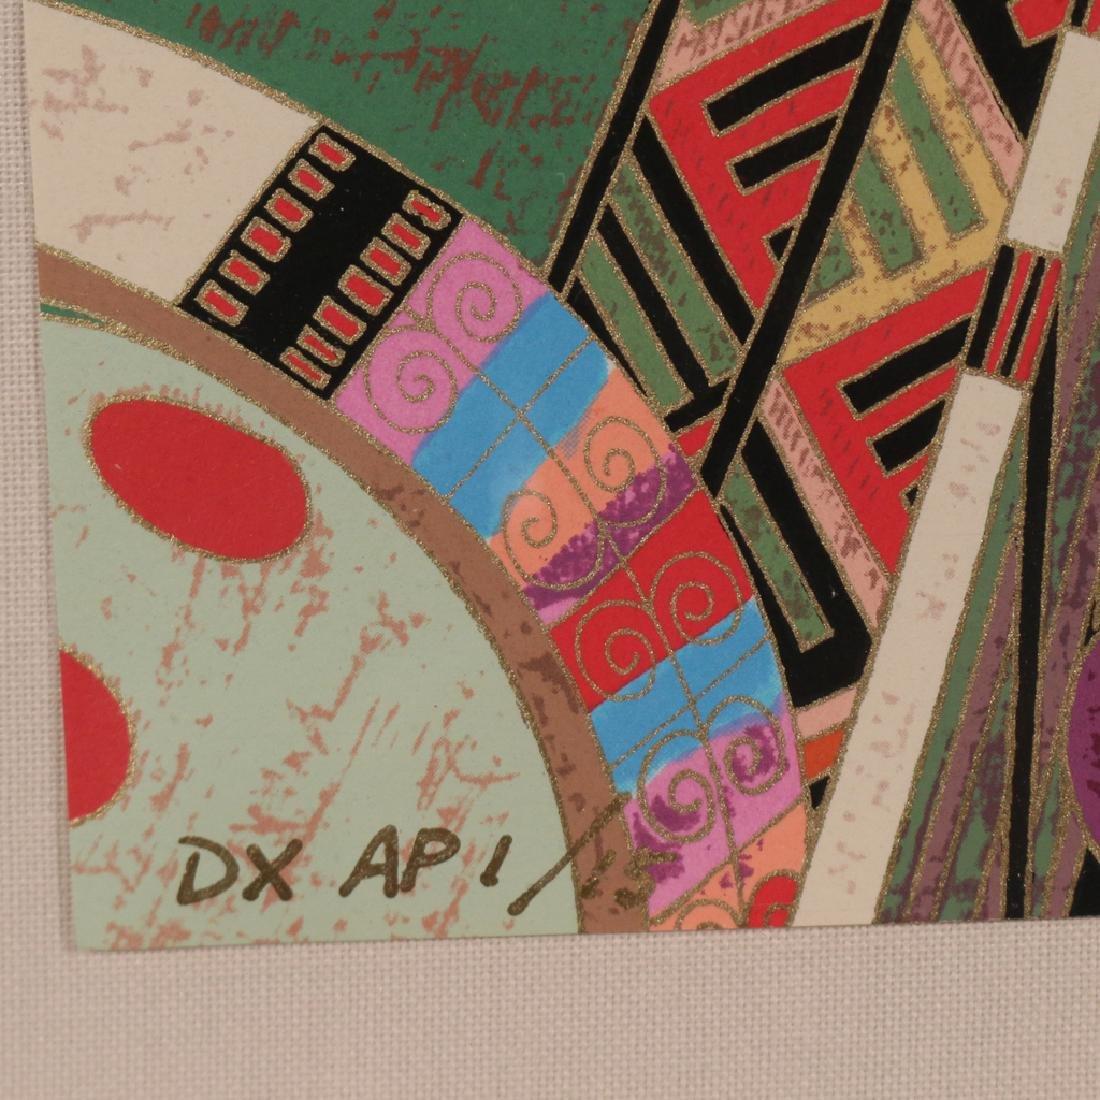 (2pc) FRAMED ARTWORK - 4